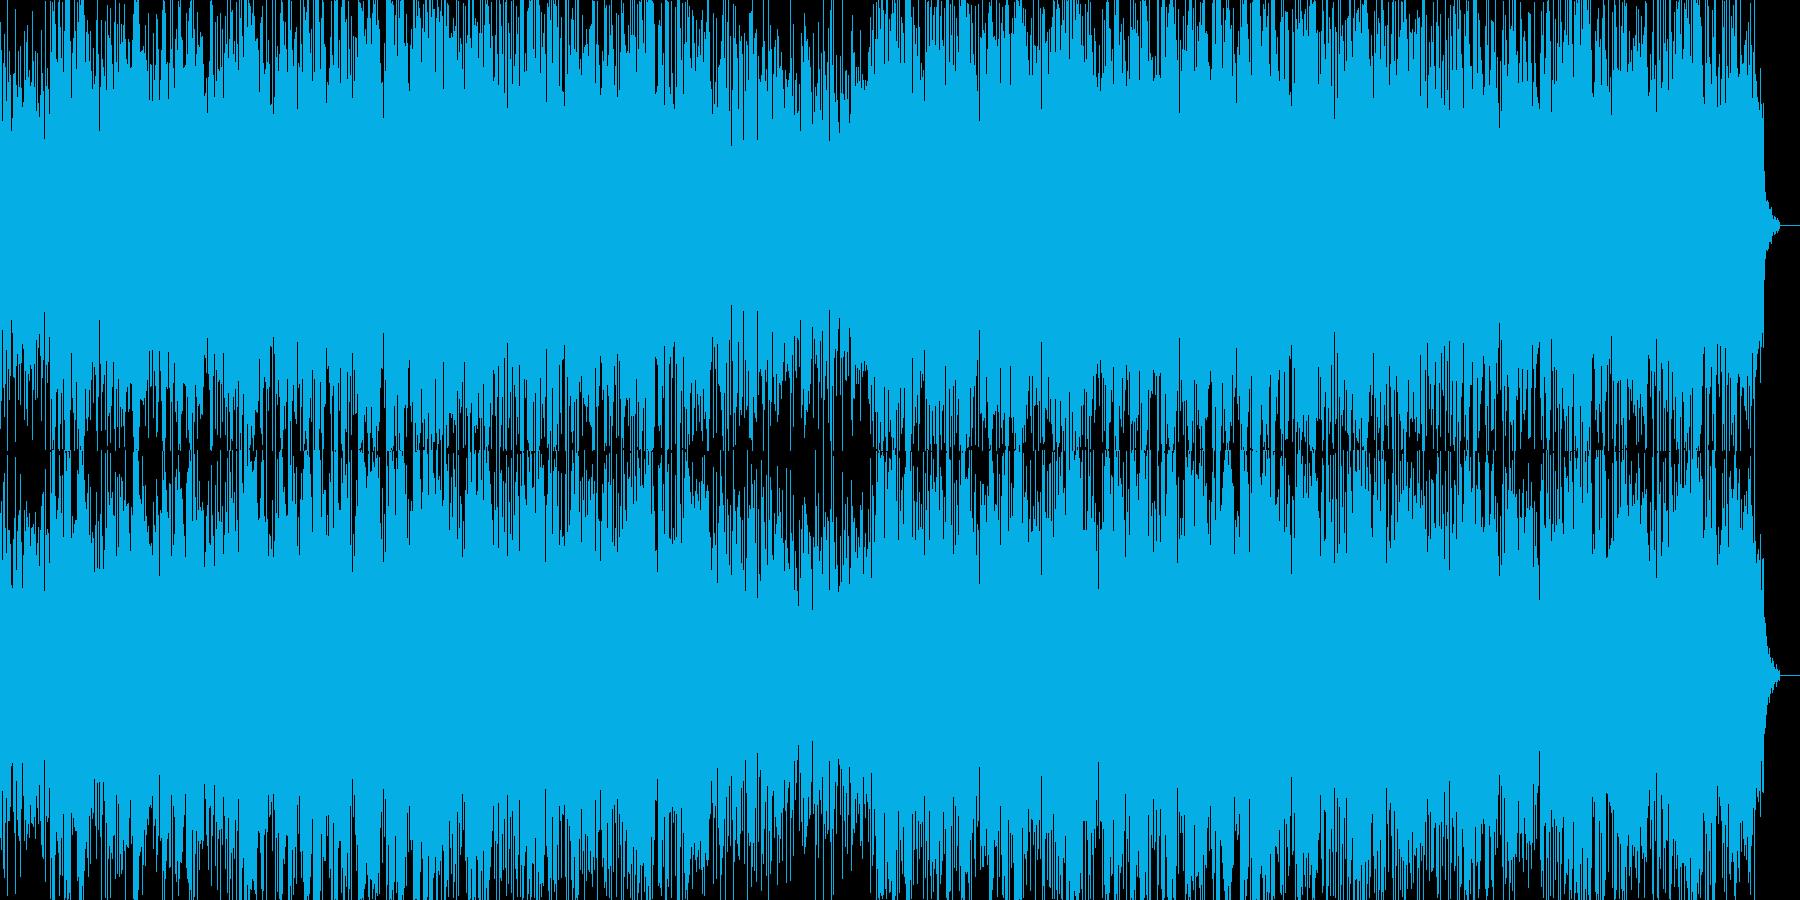 ギターの哀愁感漂うインストゥルメンタル…の再生済みの波形